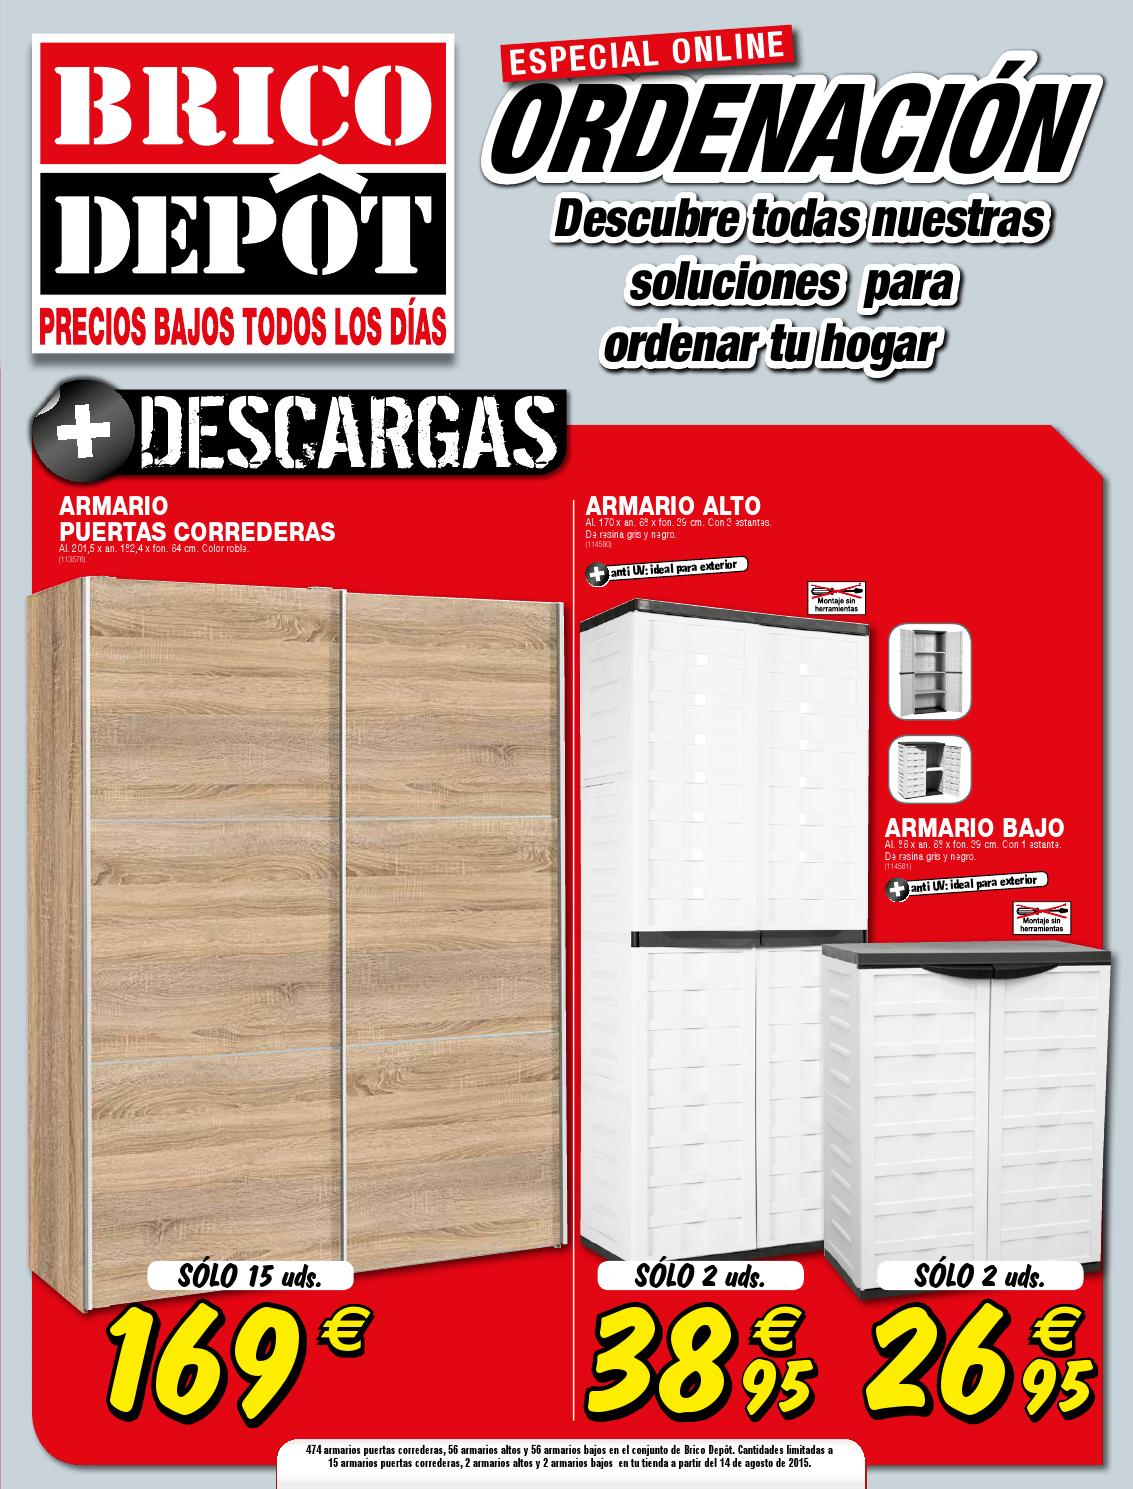 Digital ordenacion viana by losdescuentos issuu for Placas policarbonato bricodepot